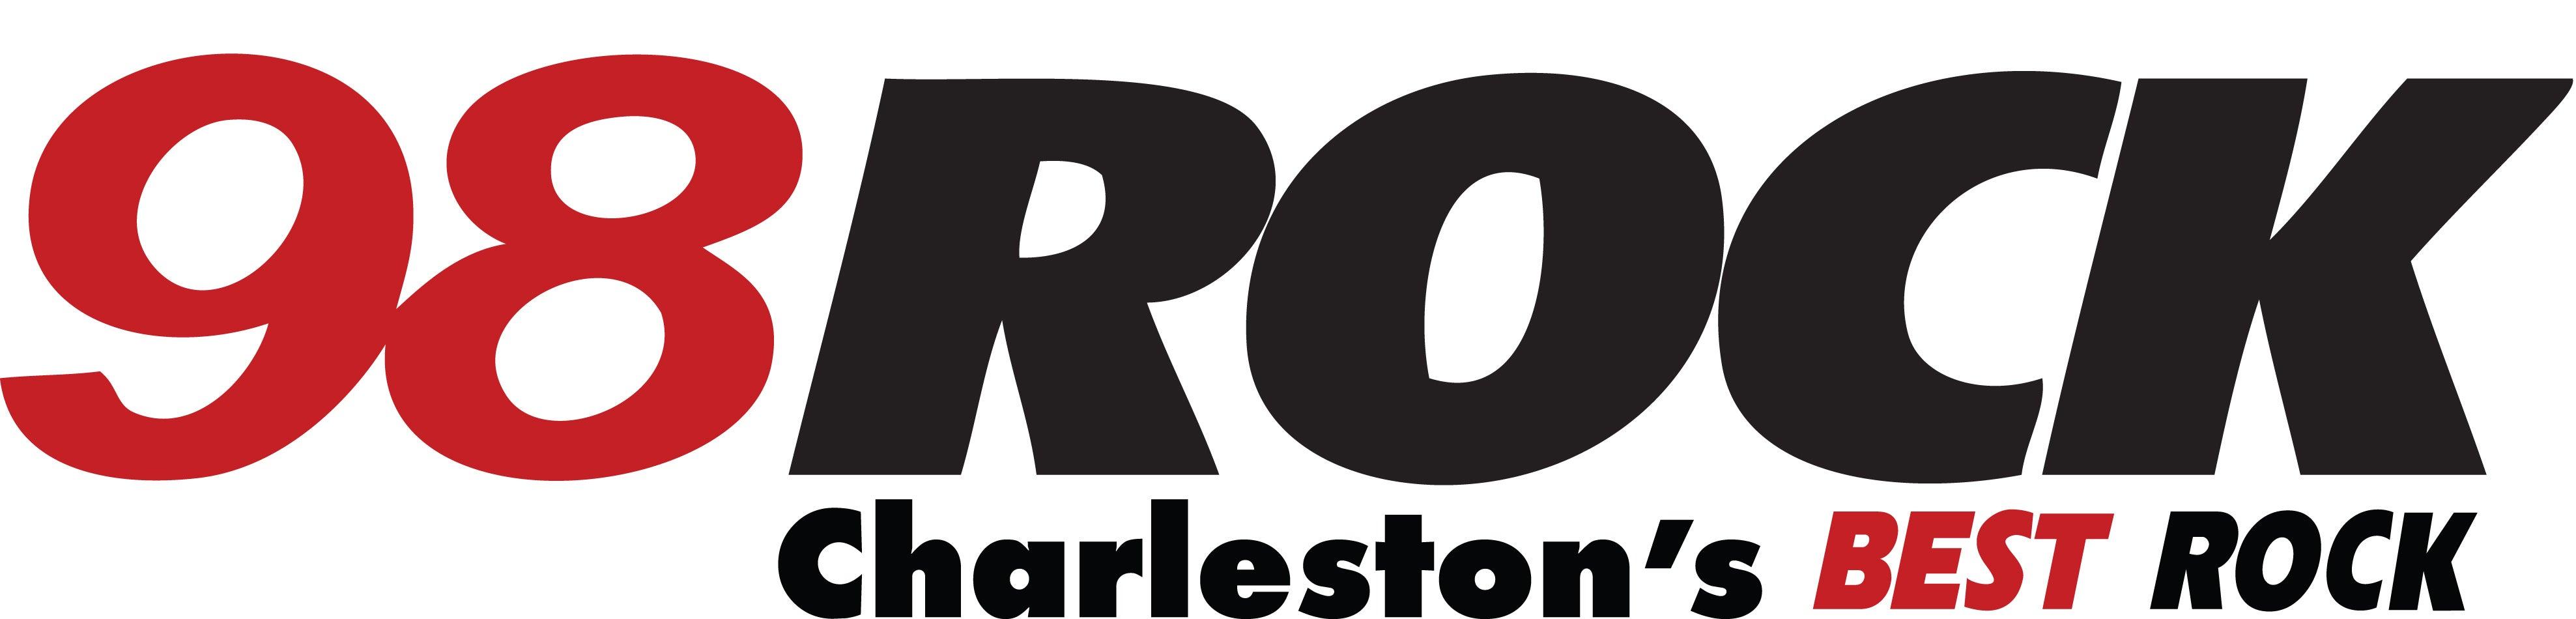 98 Rock Logo.jpg